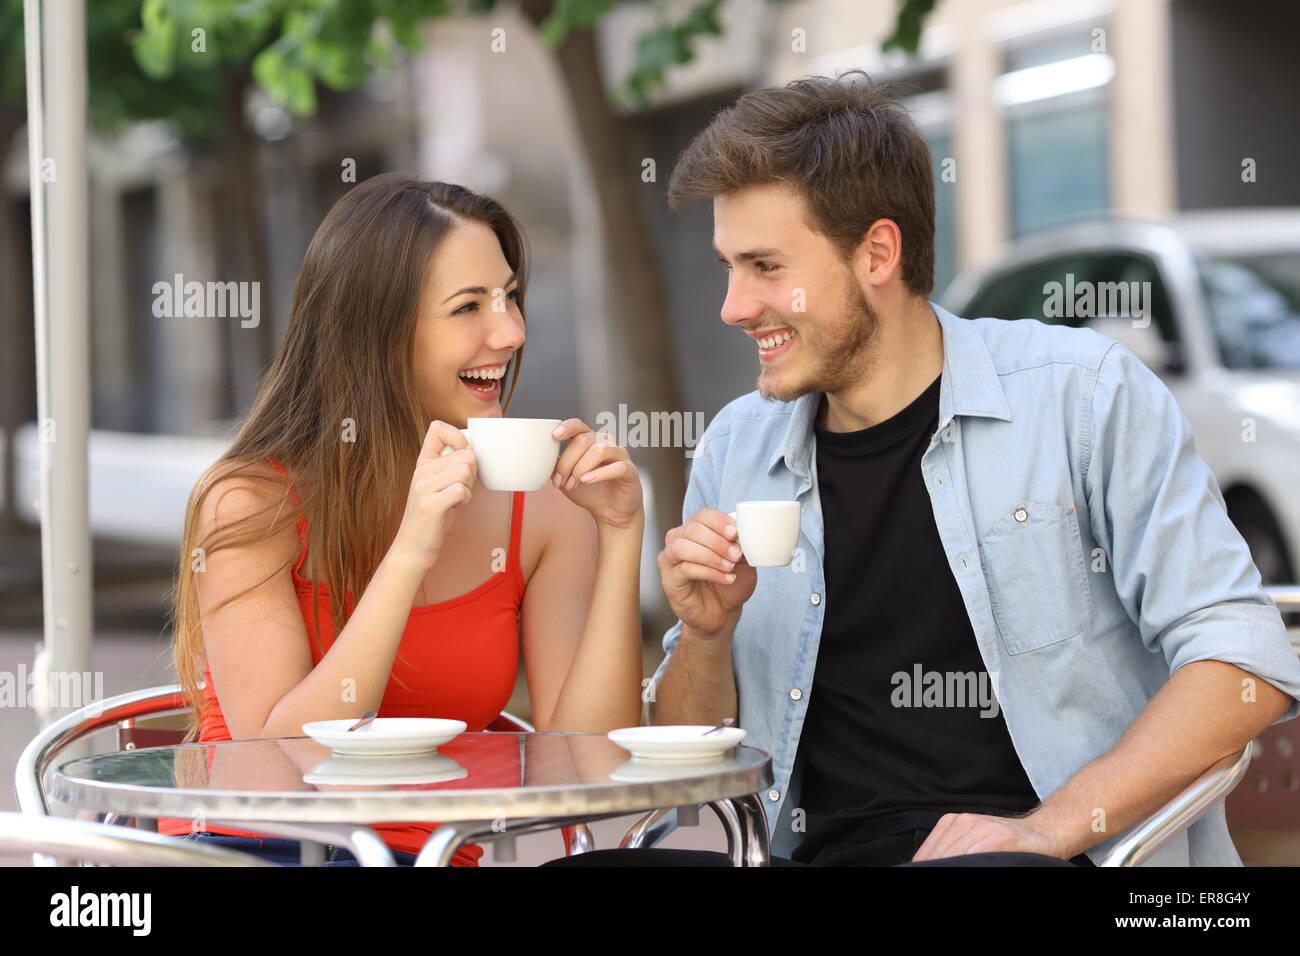 Glückliches Paar oder mit Freunden, flirten, reden und trinken in einer Restaurantterrasse Stockbild